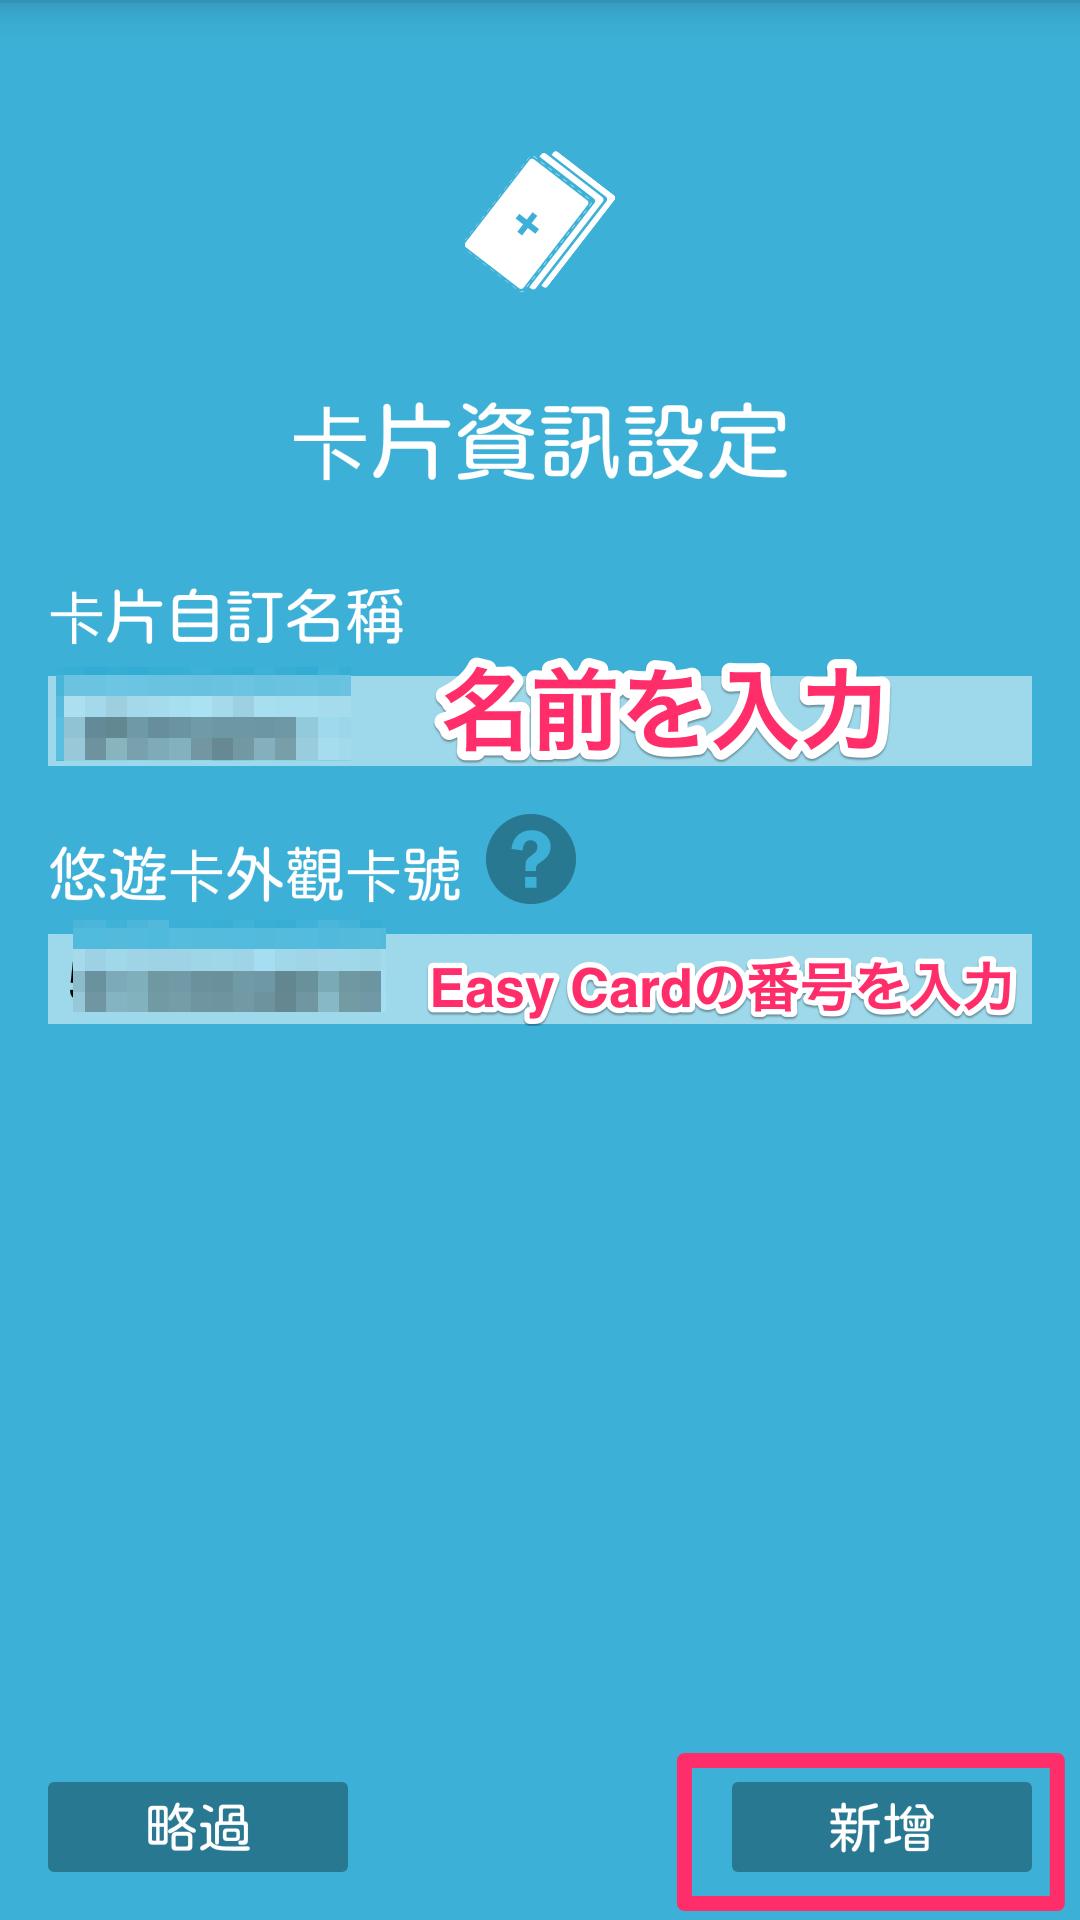 名前とEasy Cardの番号を入力する